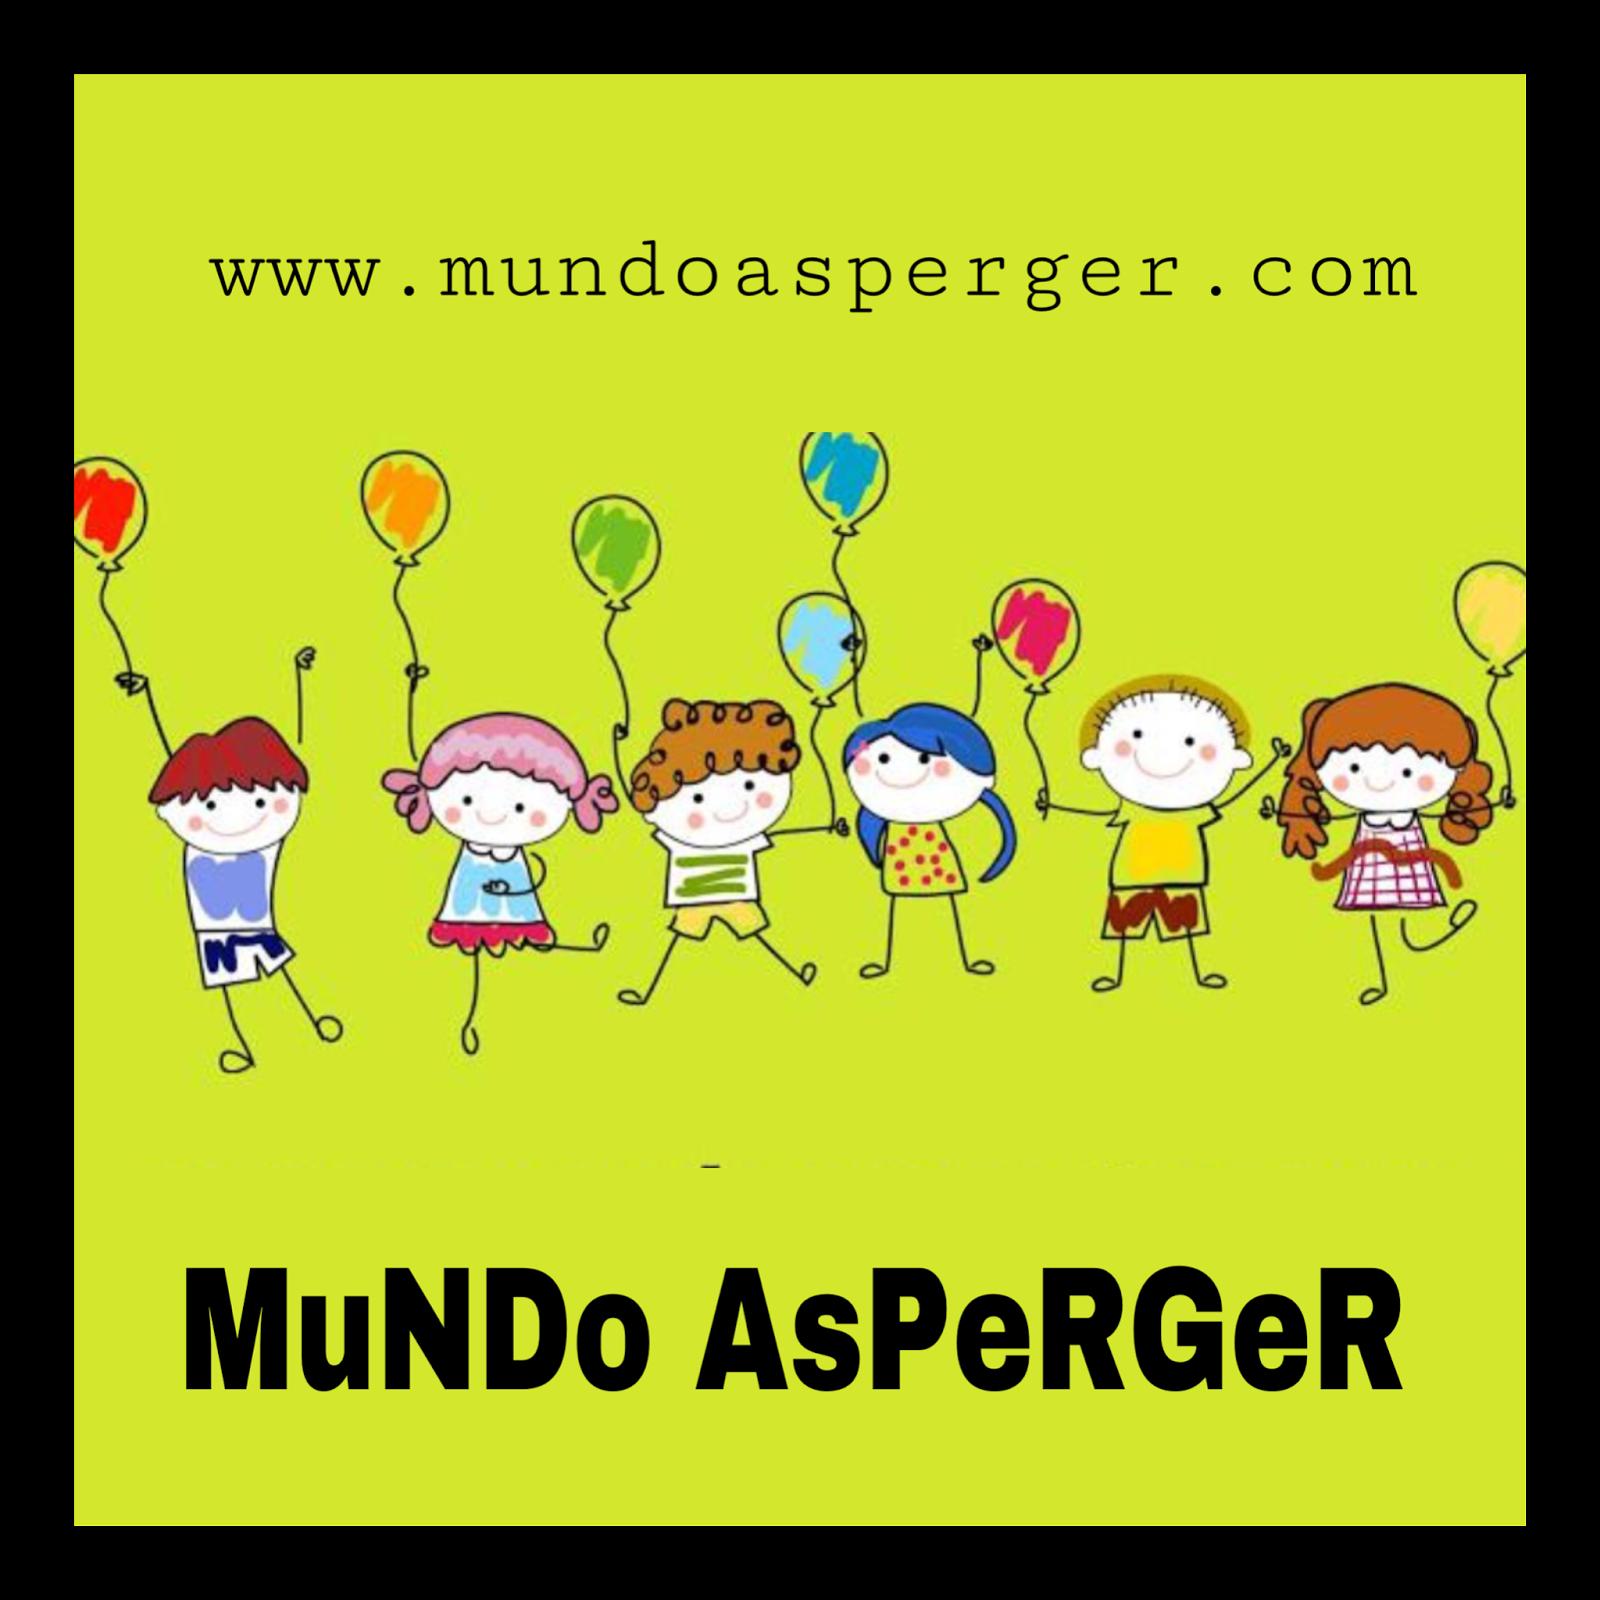 MuNDo AsPeRGeR: abril 2010